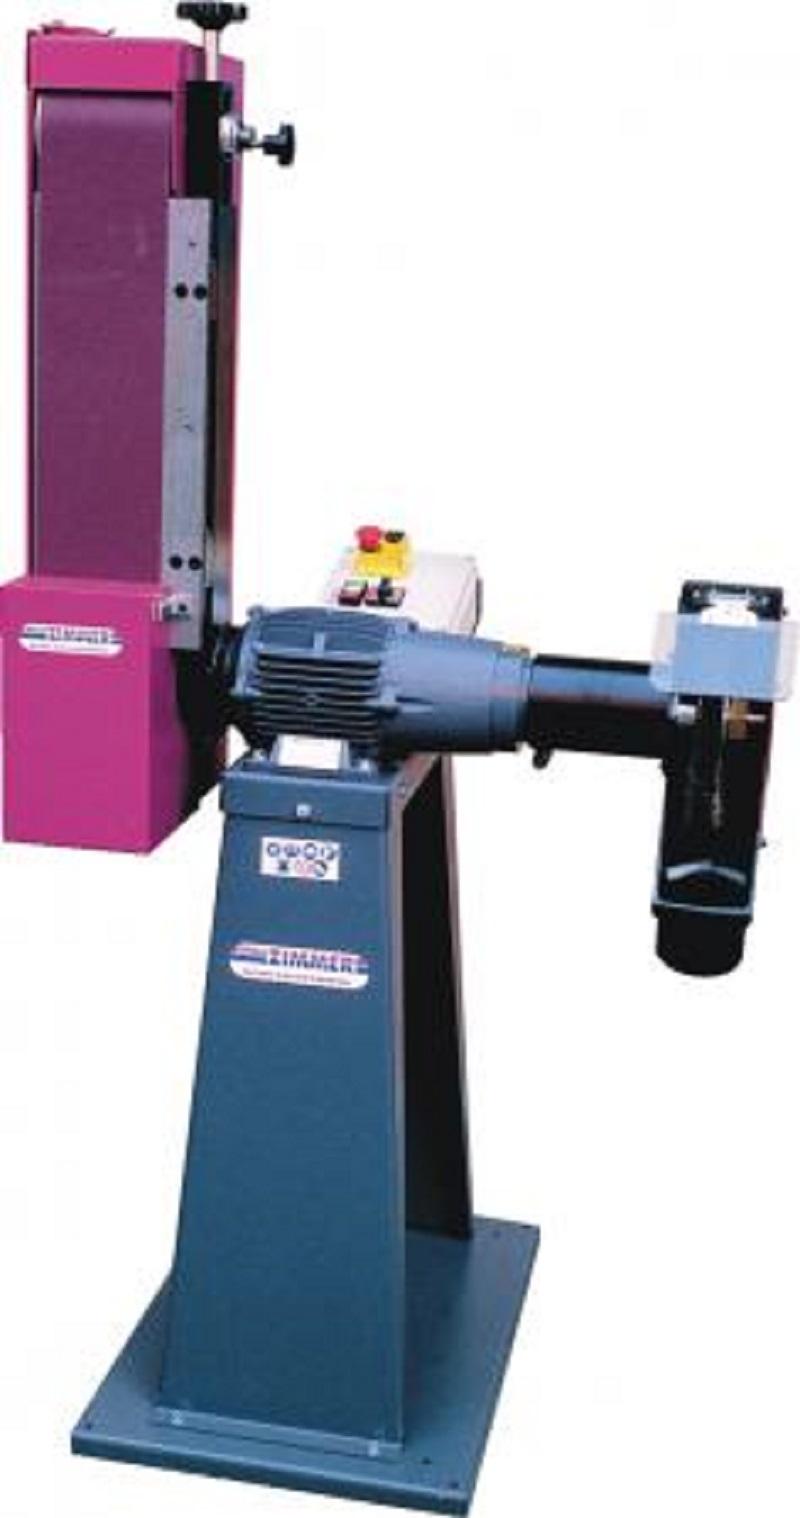 W.Z. Schwenkbare Bandschleif- und Poliermaschine Rasant 363/2 inkl. Maschinensockel Bandmaß 150 x 1750 mm